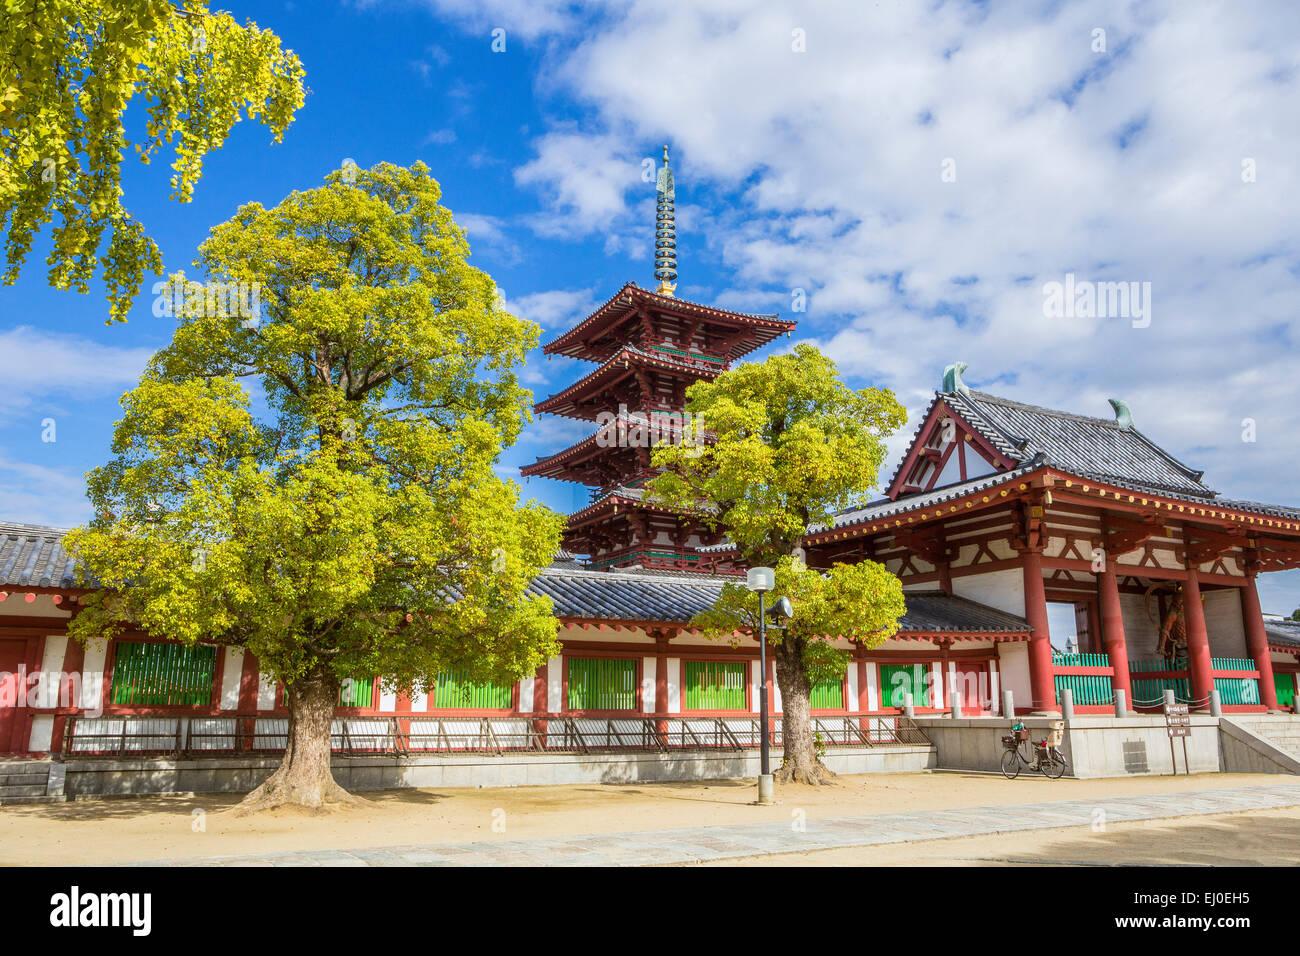 Japón, Asia, Kansai, Osaka, la ciudad, el templo Shitennoji, patrimonio mundial, arquitectura, historia, mañana, Imagen De Stock